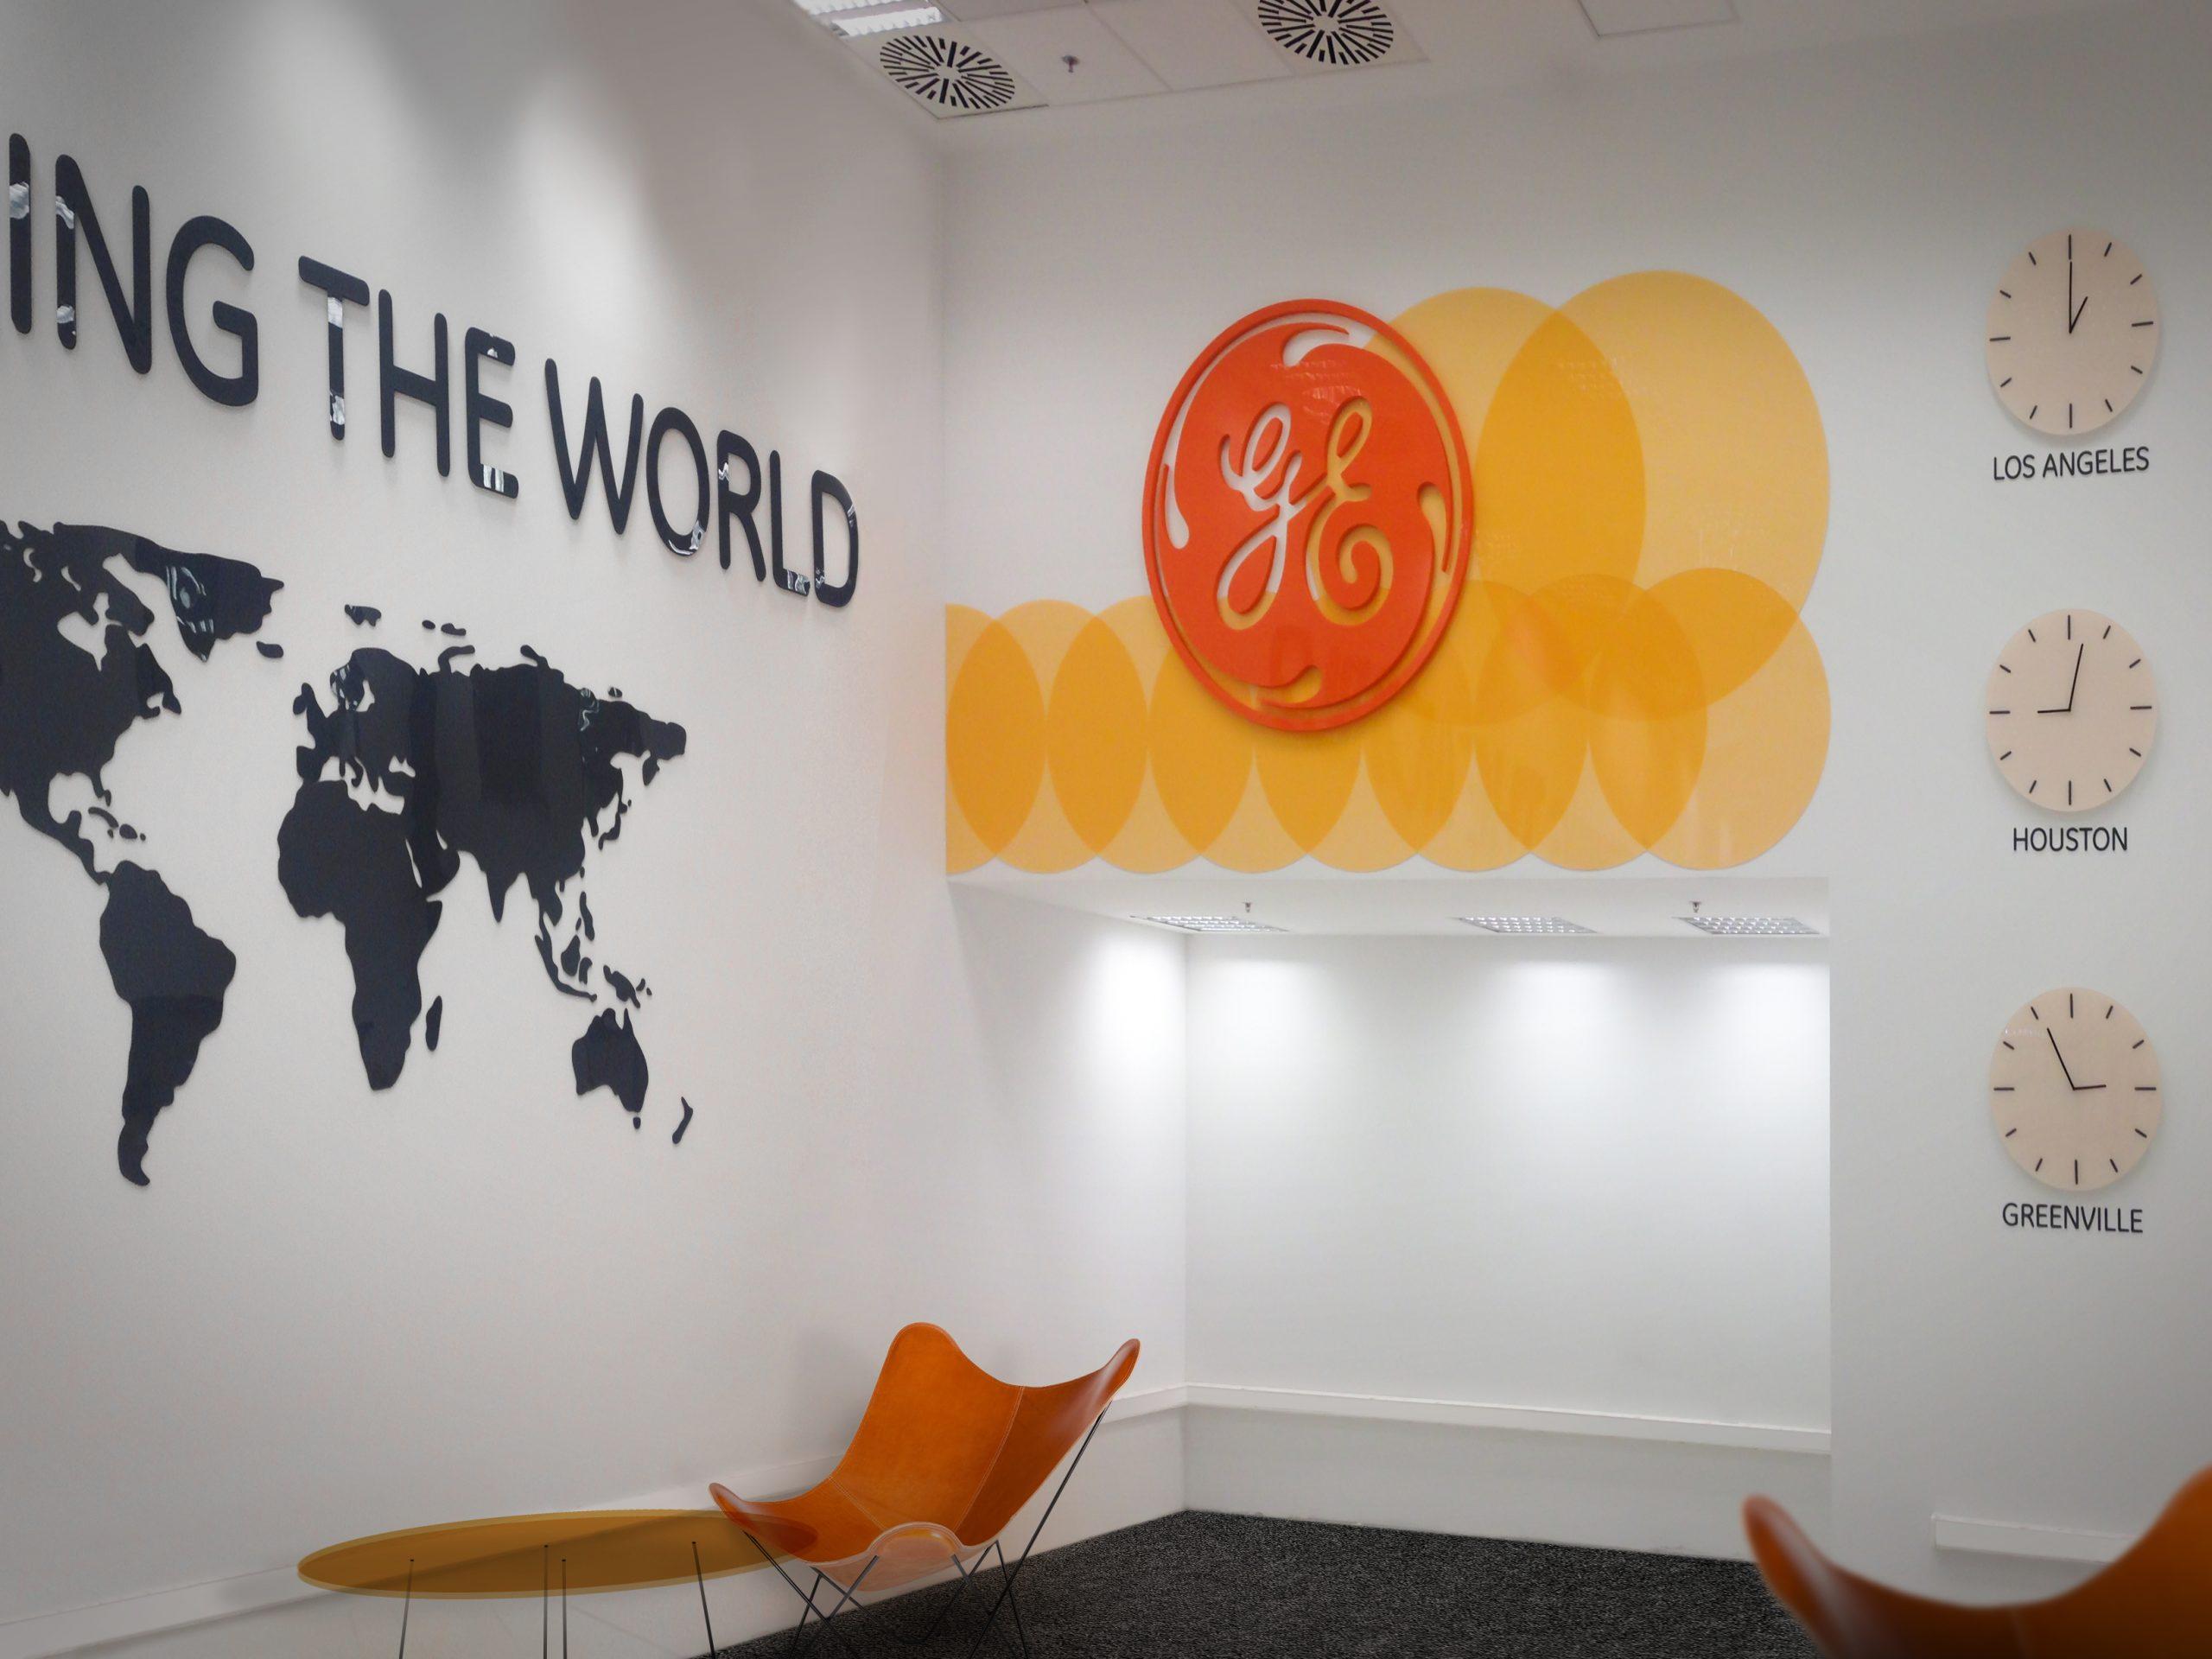 """A General Electric 7-es épületének fogadótere nagyméretű """"Powering the world"""" felirattal és világtérképpel, látványos Narancs színű GE logóval, mögötte egyedi sárga faldekorációval és világórákkal a falon."""